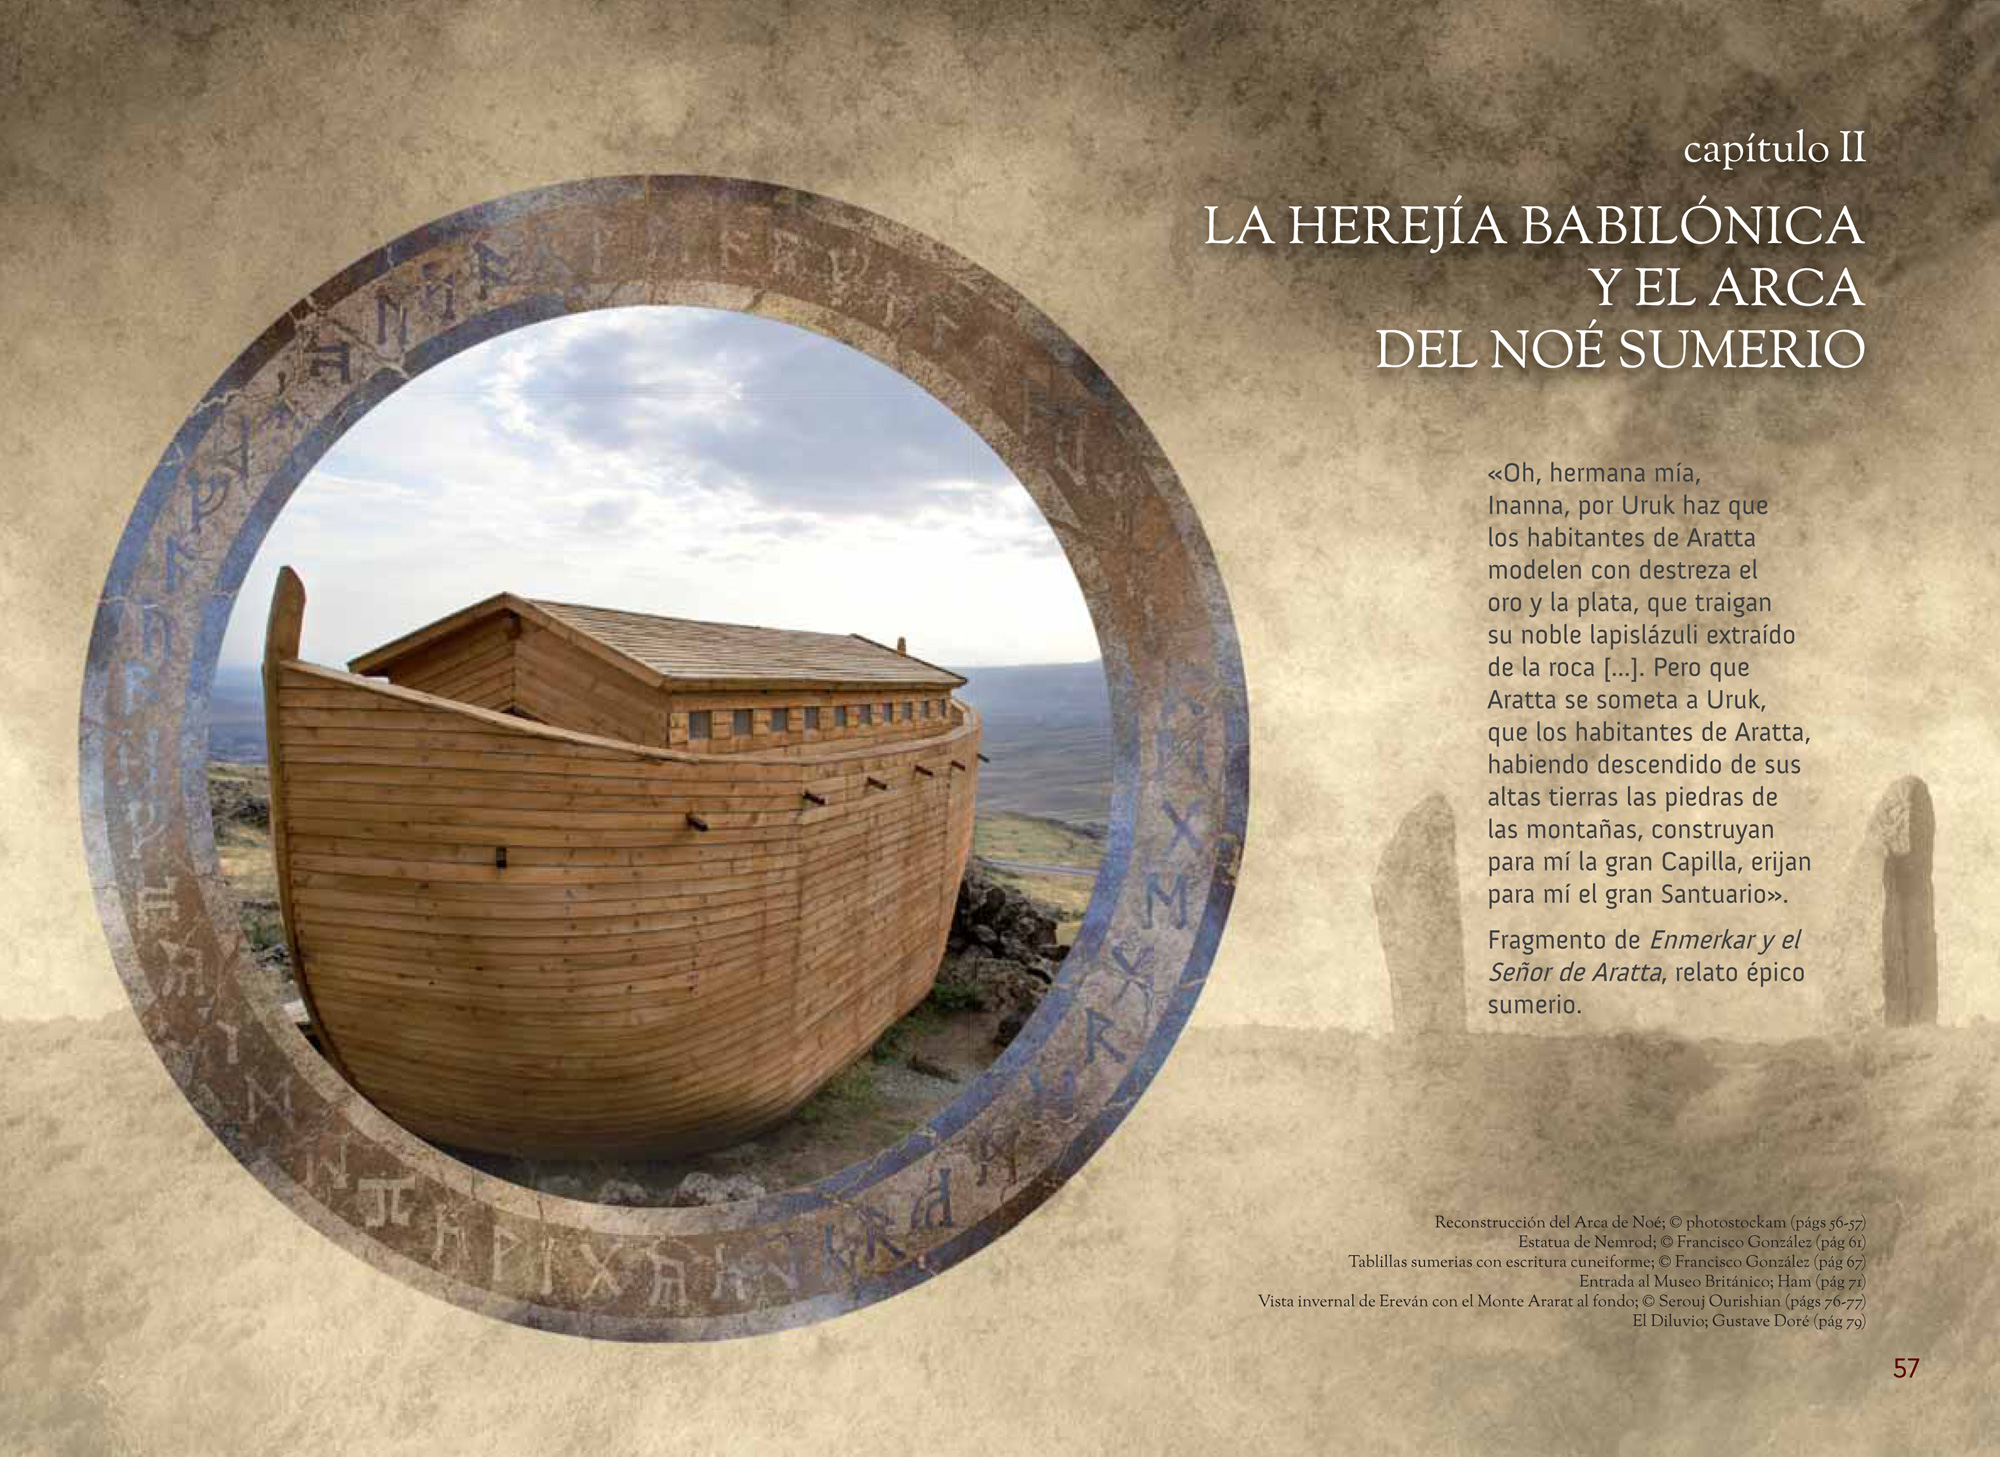 Capítulo II LA HEREJÍA BABILÓNICA Y EL ARCA DEL NOÉ SUMERIO